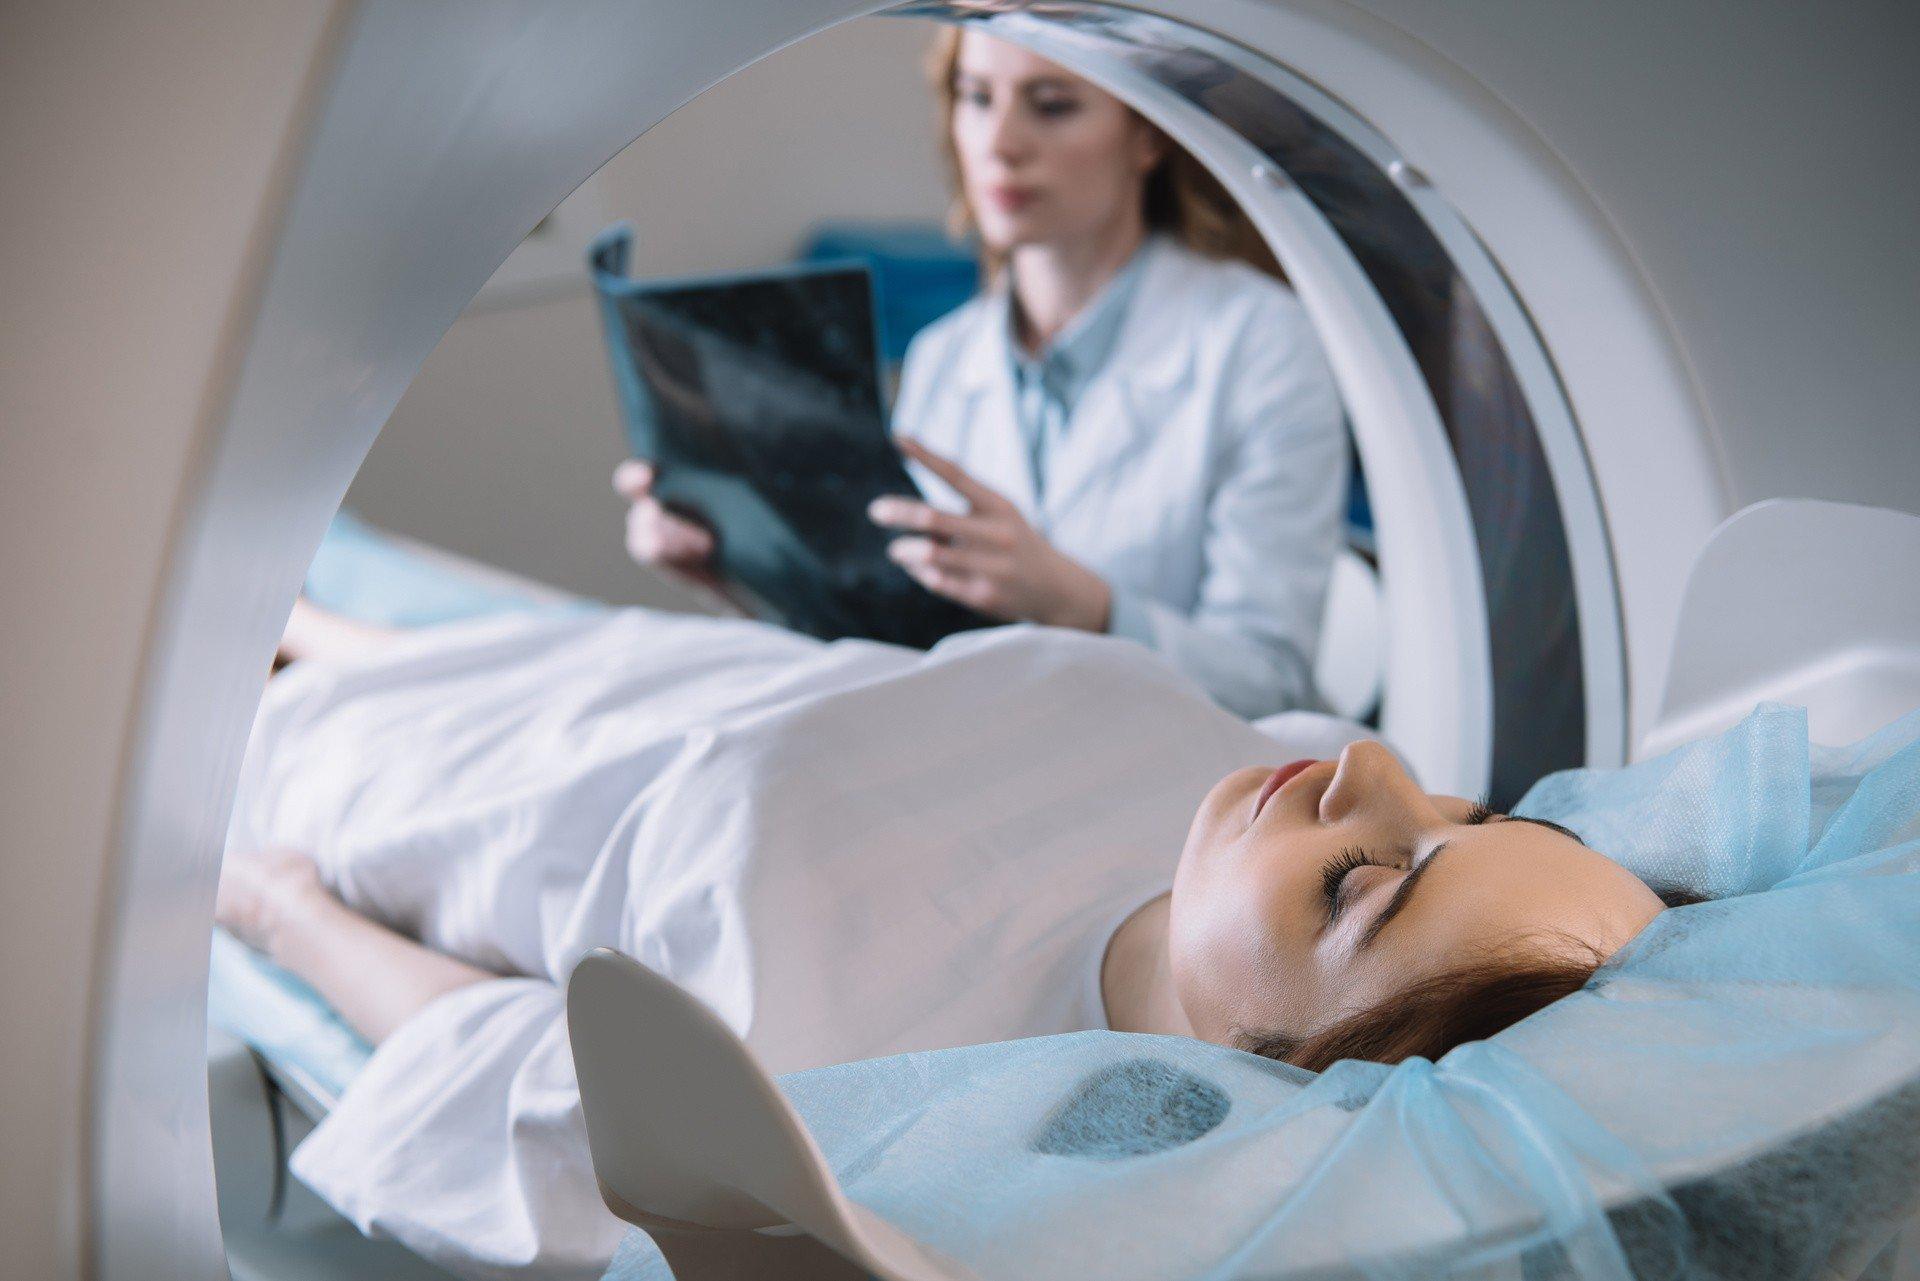 Эксперт предупредил о неврологических осложнениях у пациентов с COVID-19